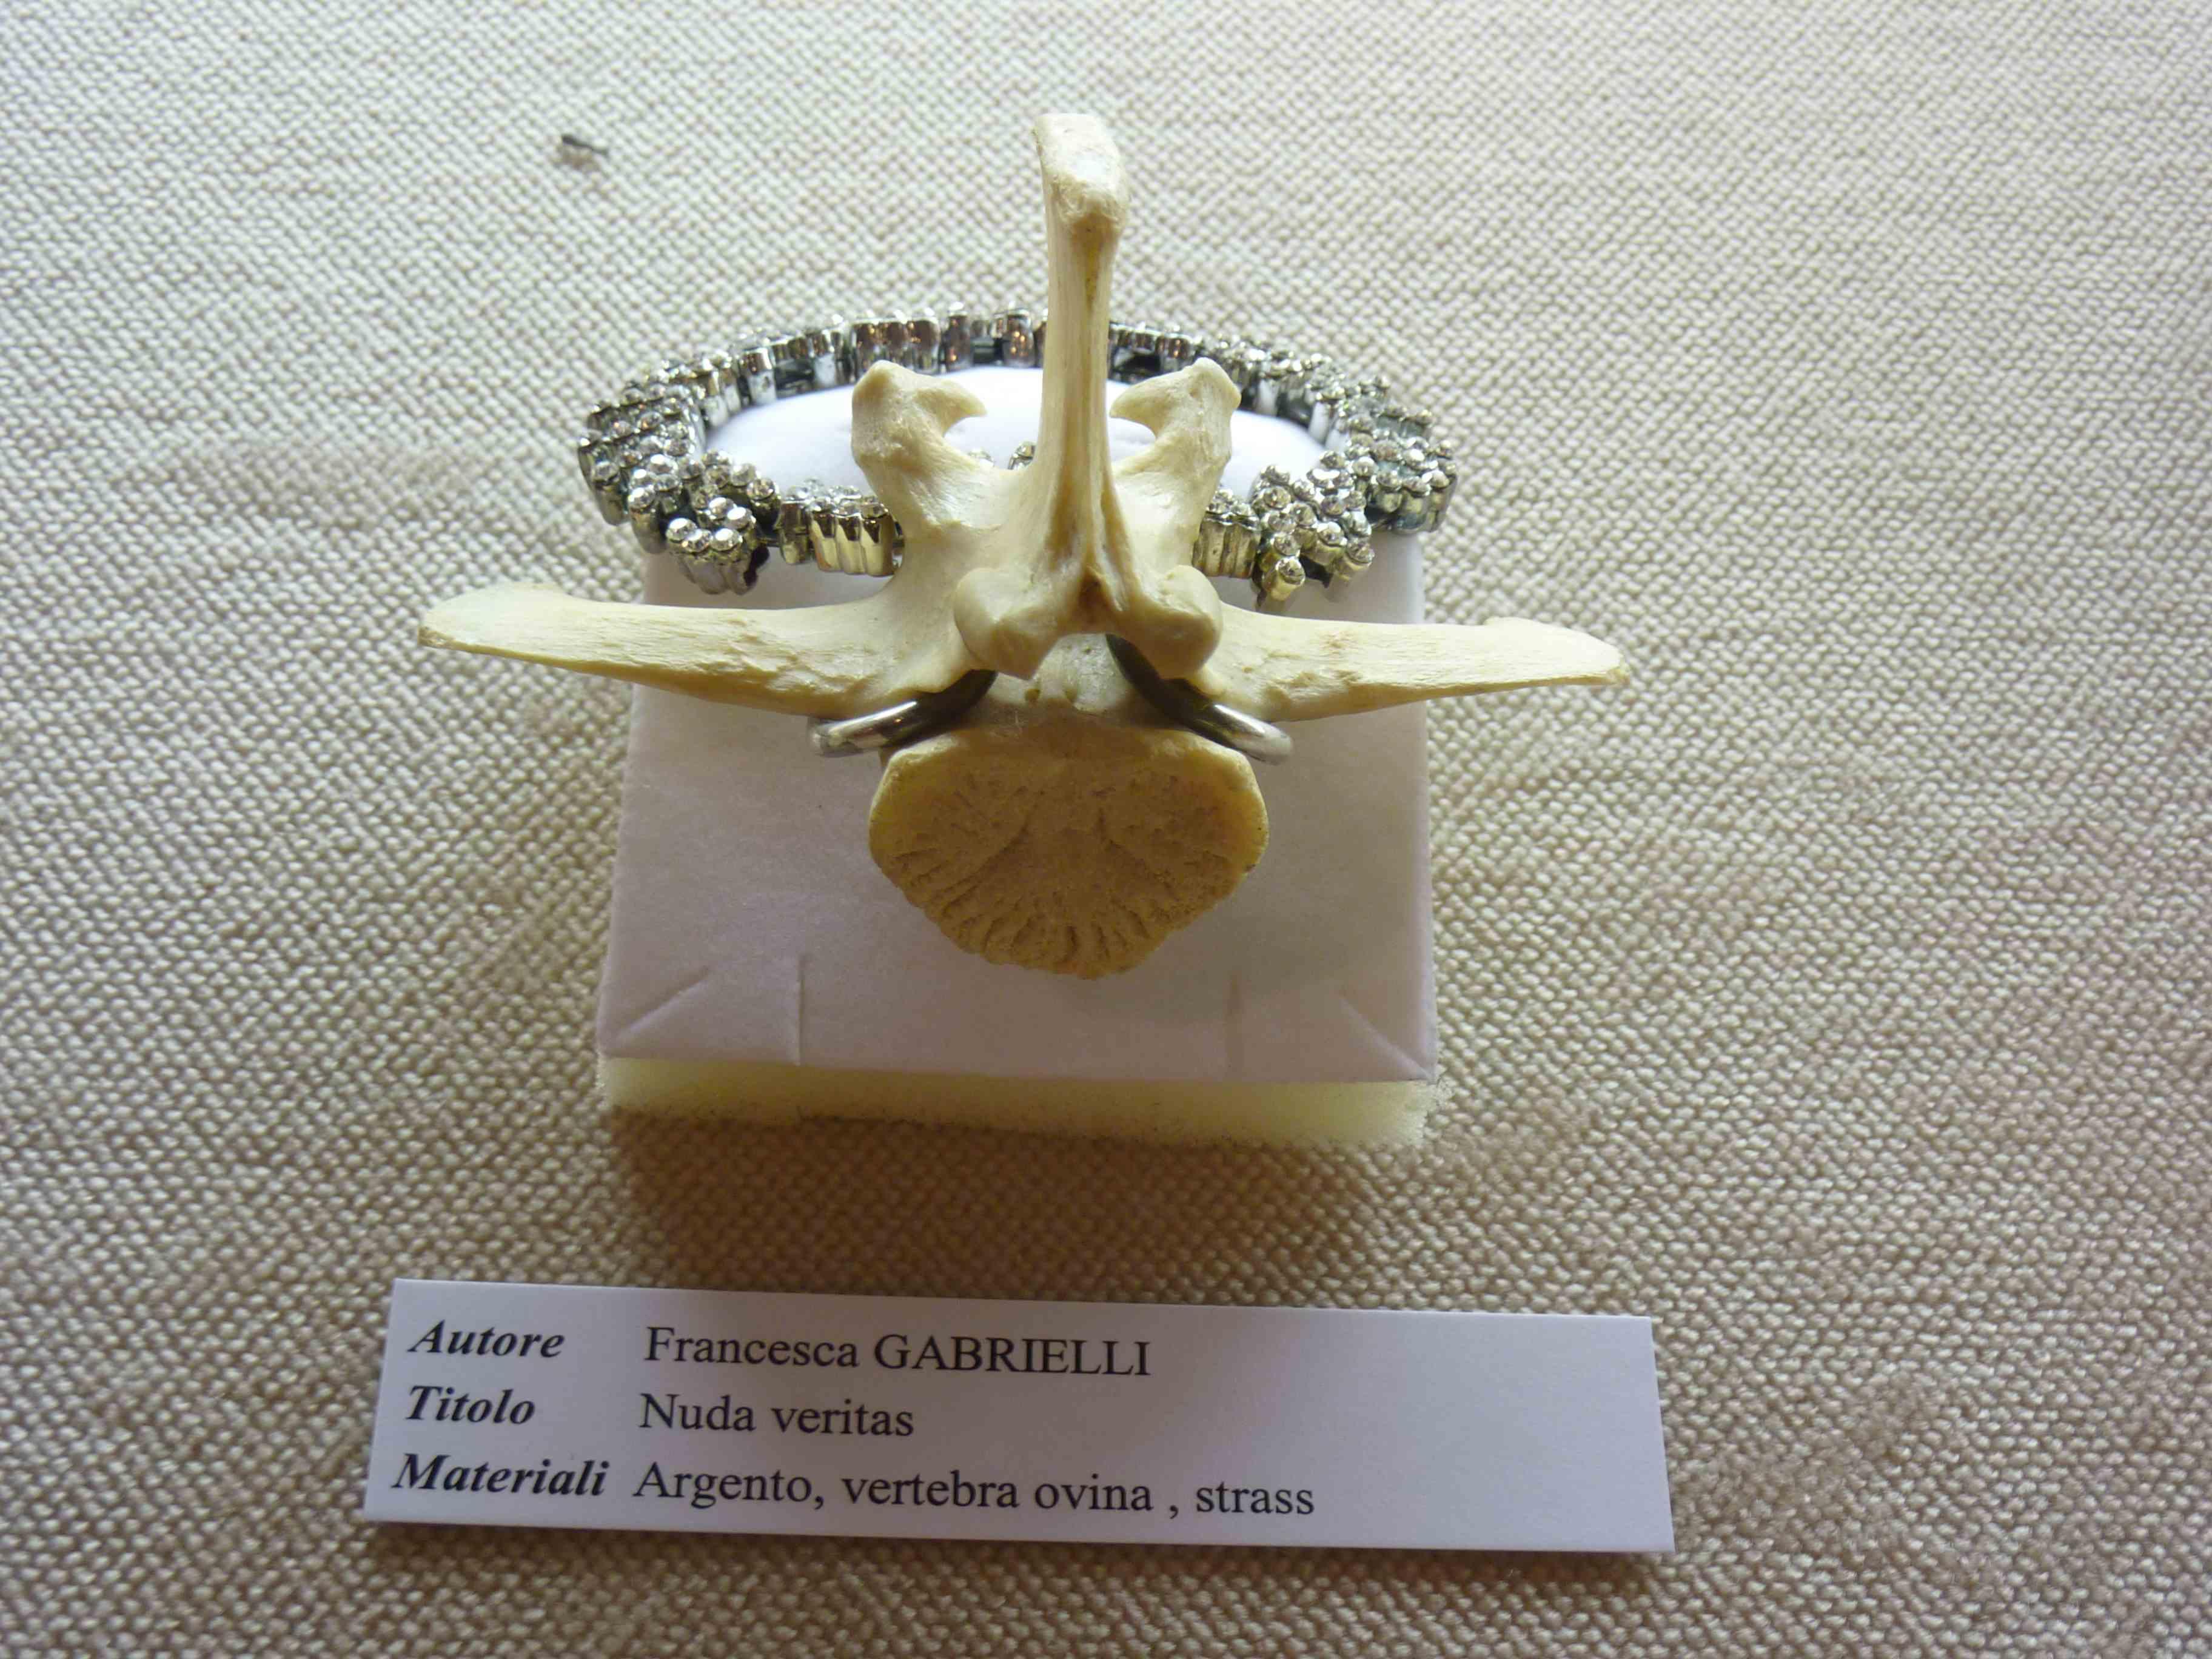 Francesca Gabrielli Nuda veritas